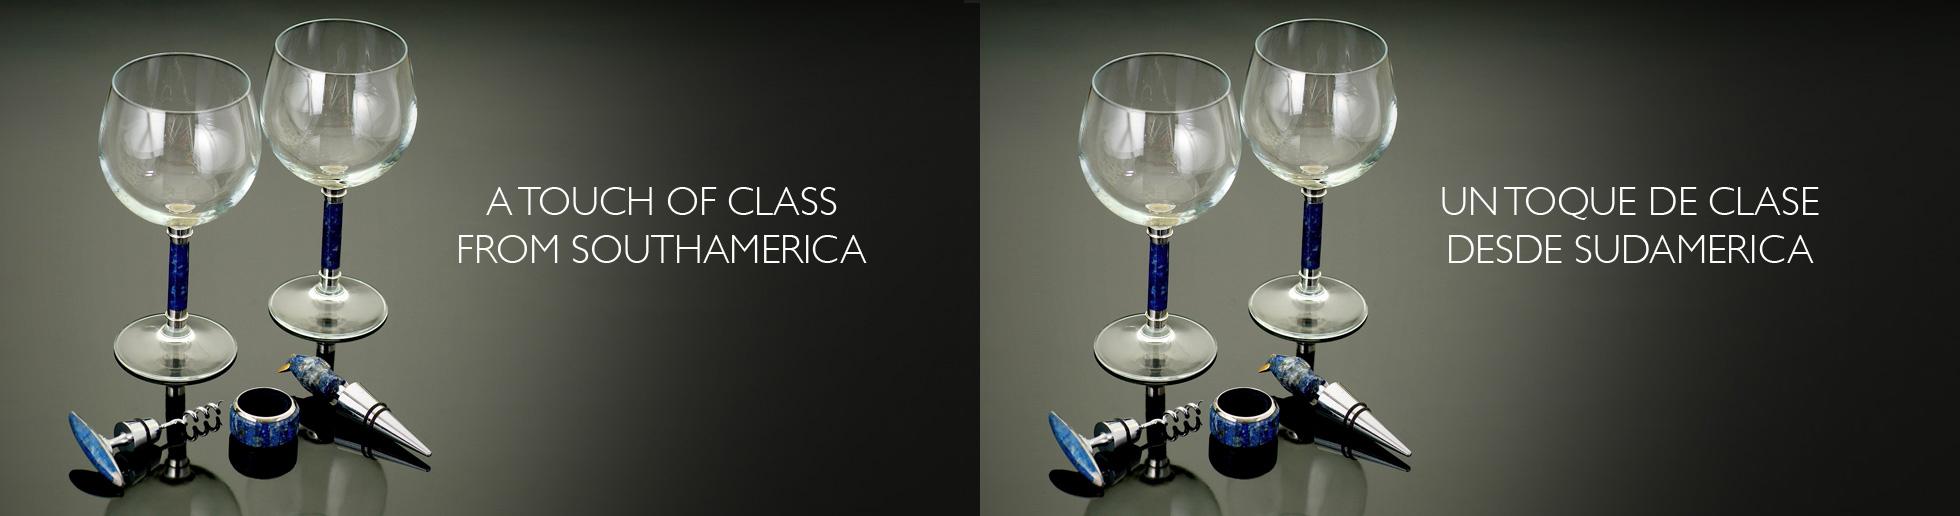 05-copas-clase